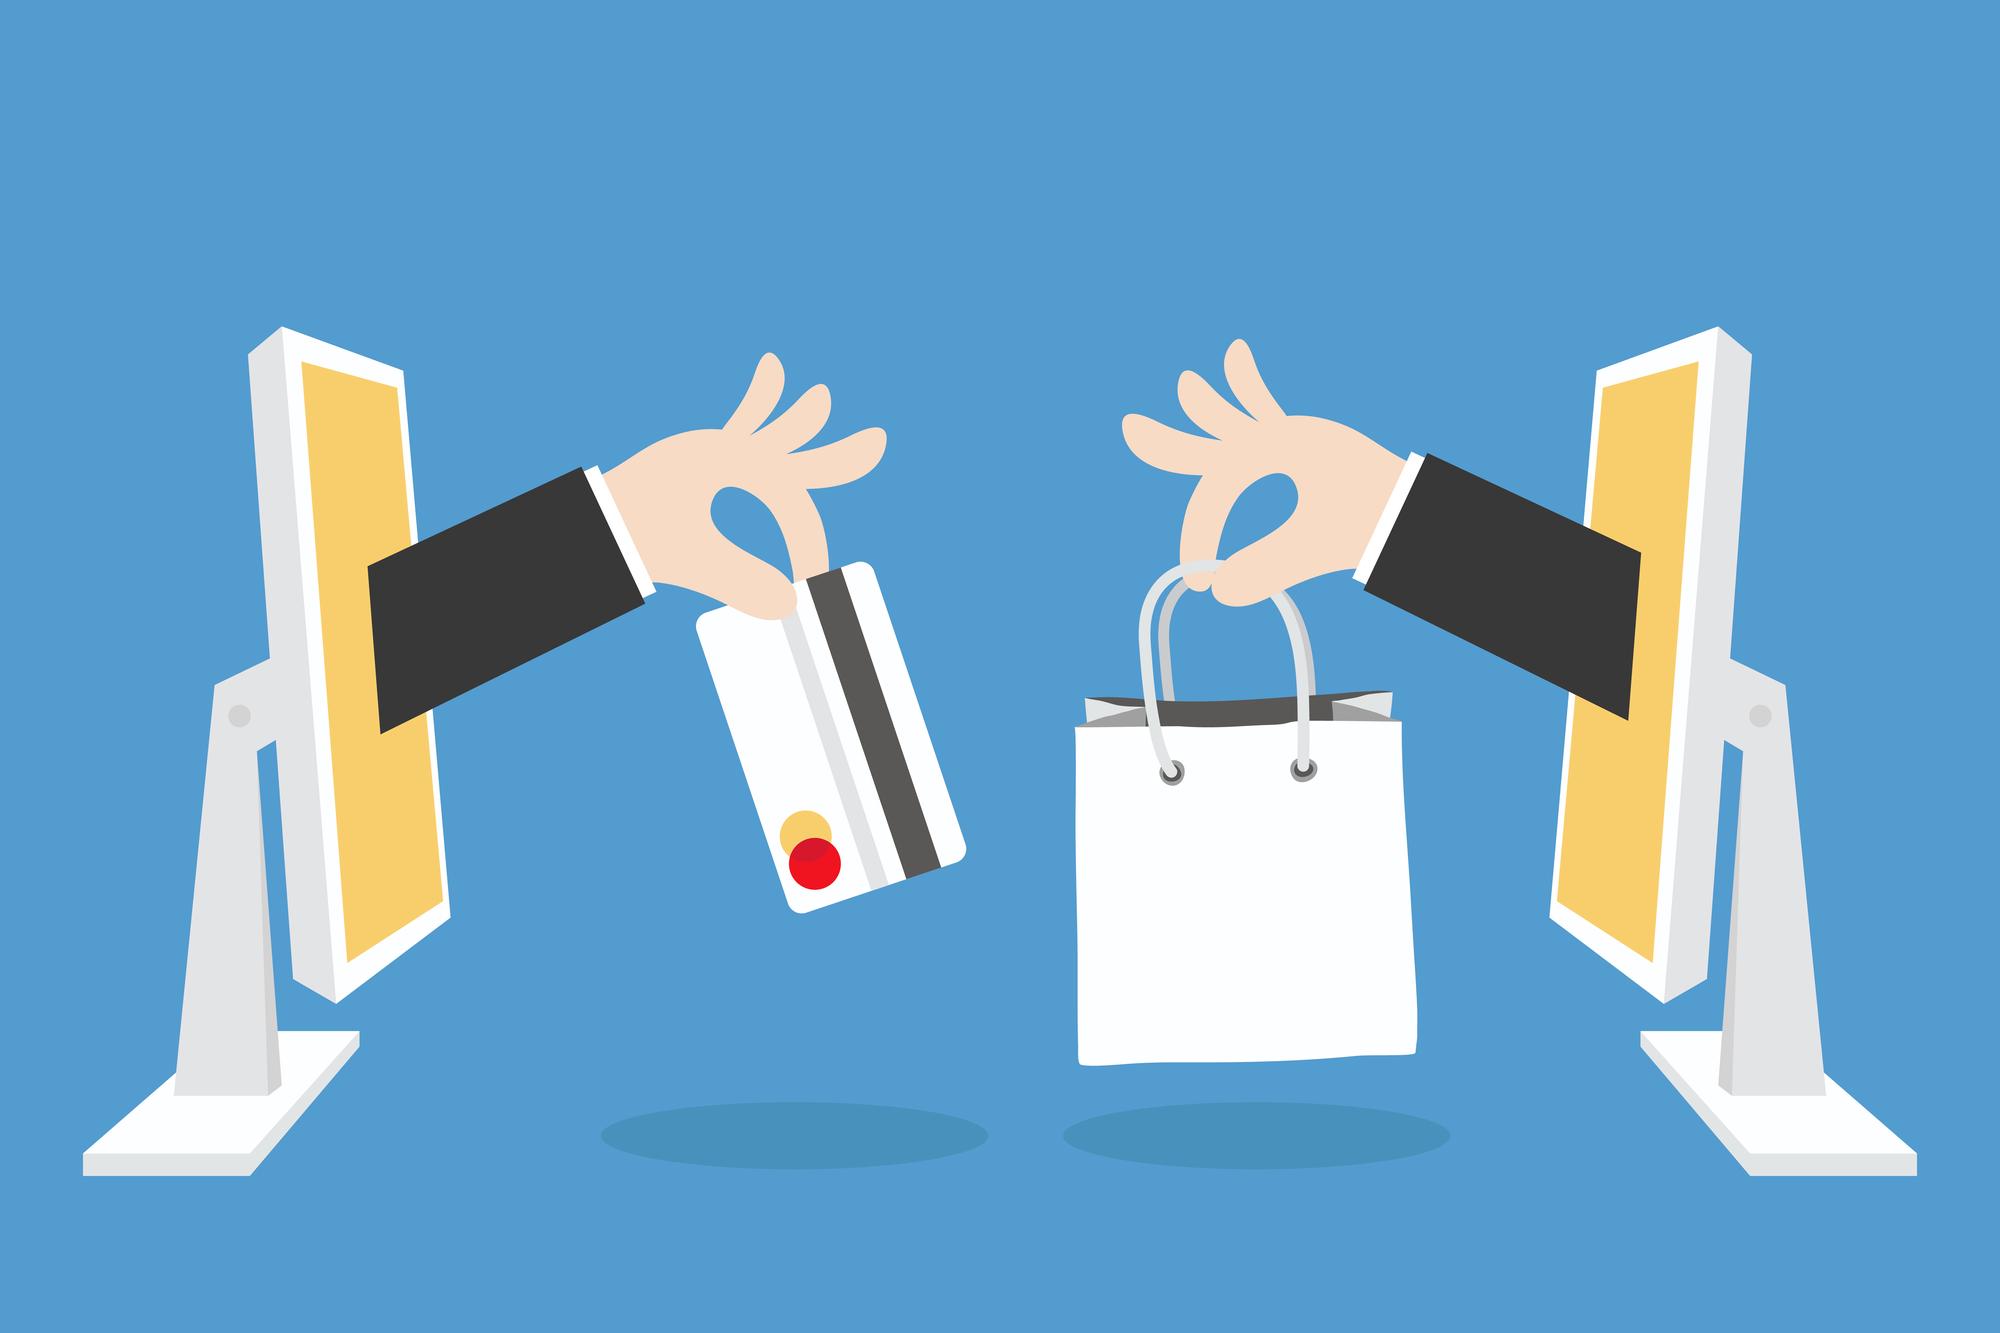 Bán hàng online là gì và hiệu quả của bán hàng online